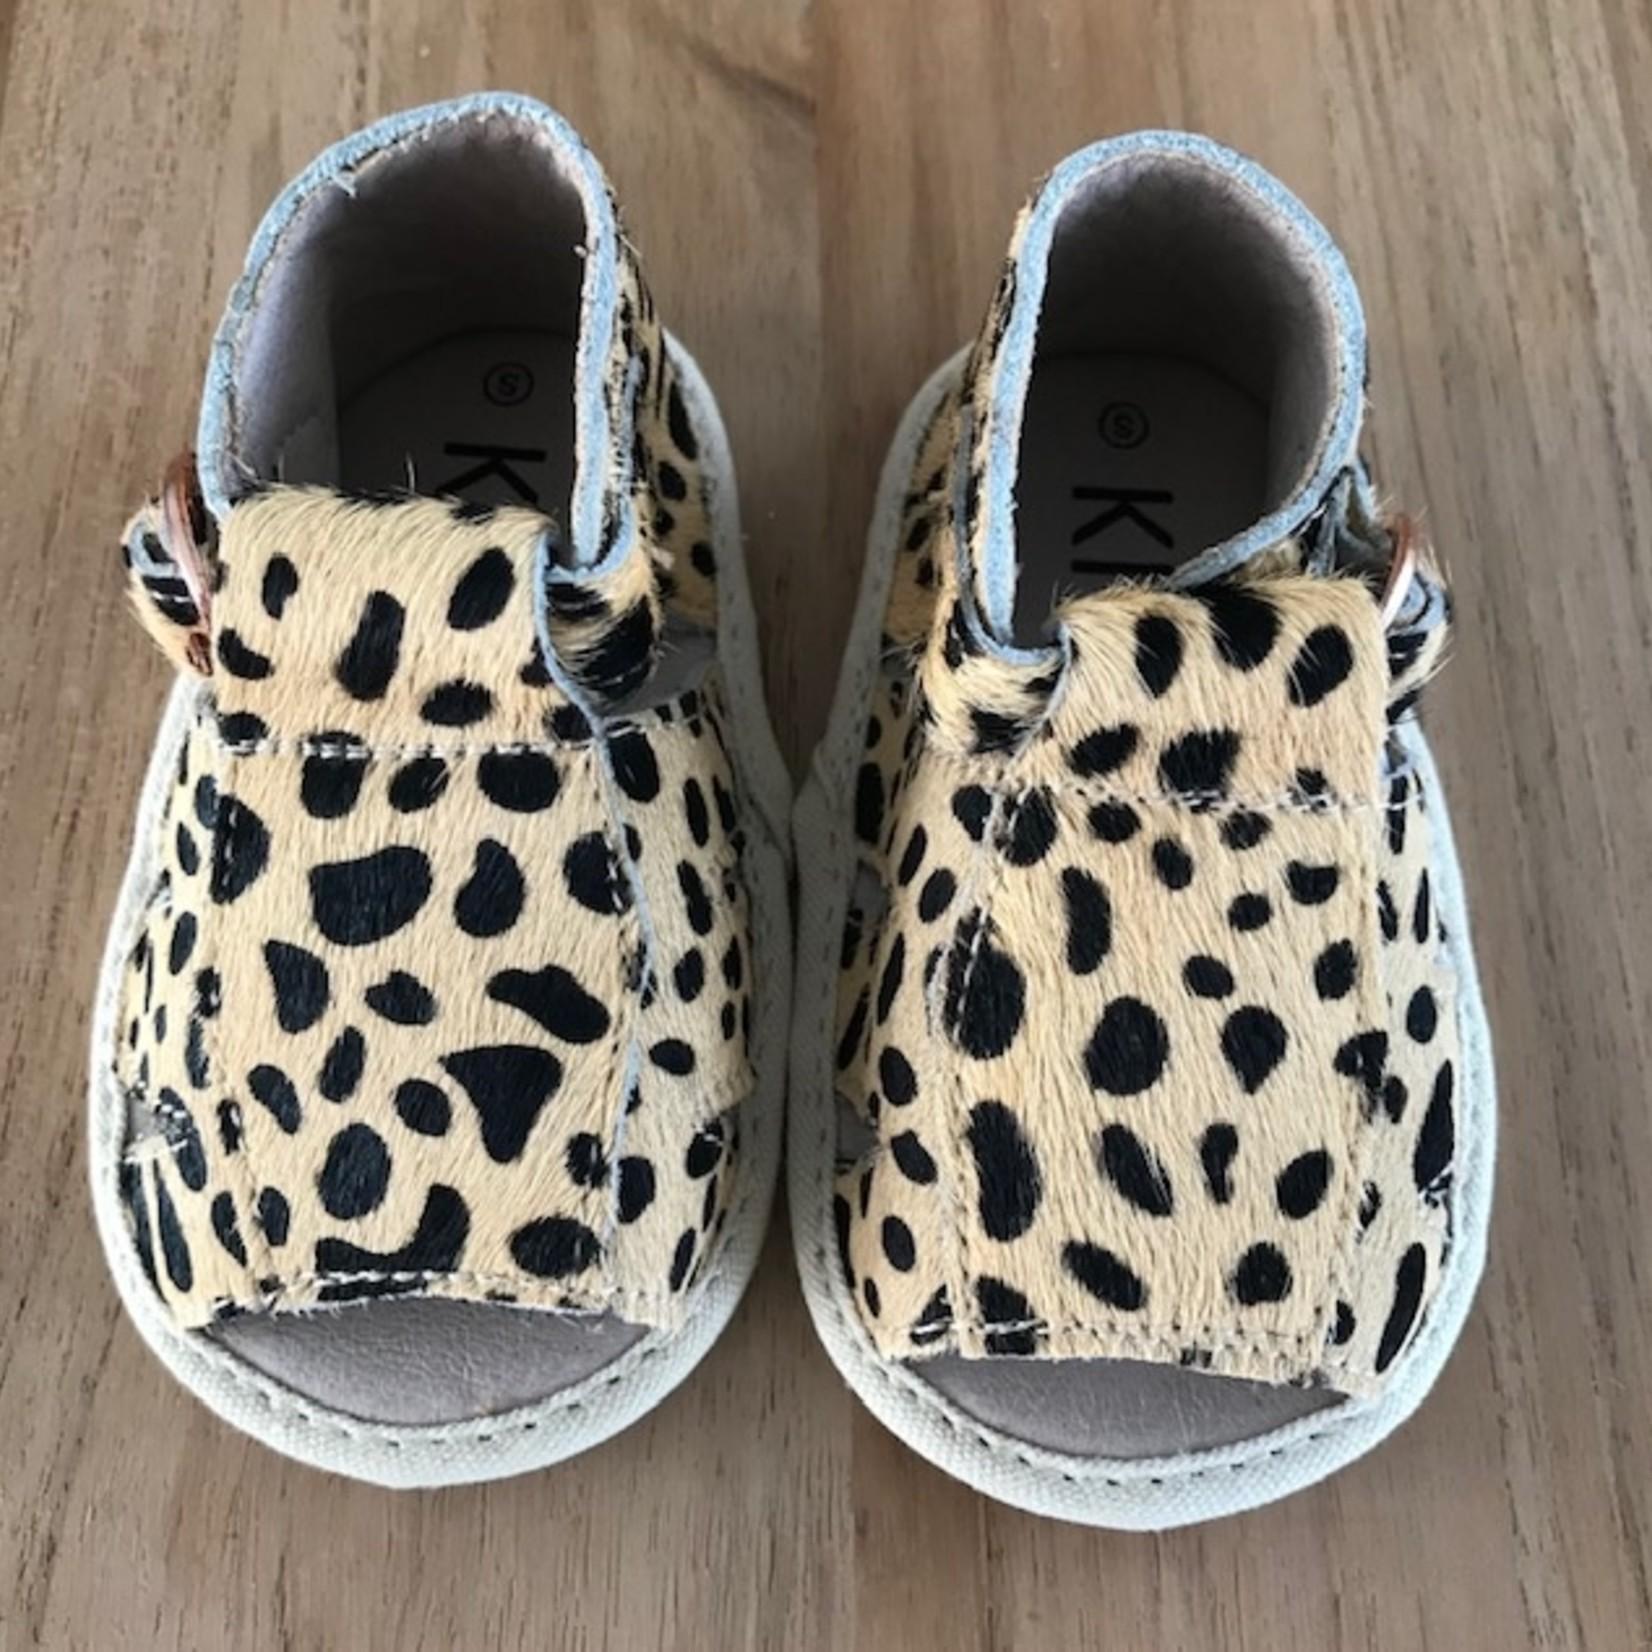 Kidooz Kidooz Lilo sandals Leopard